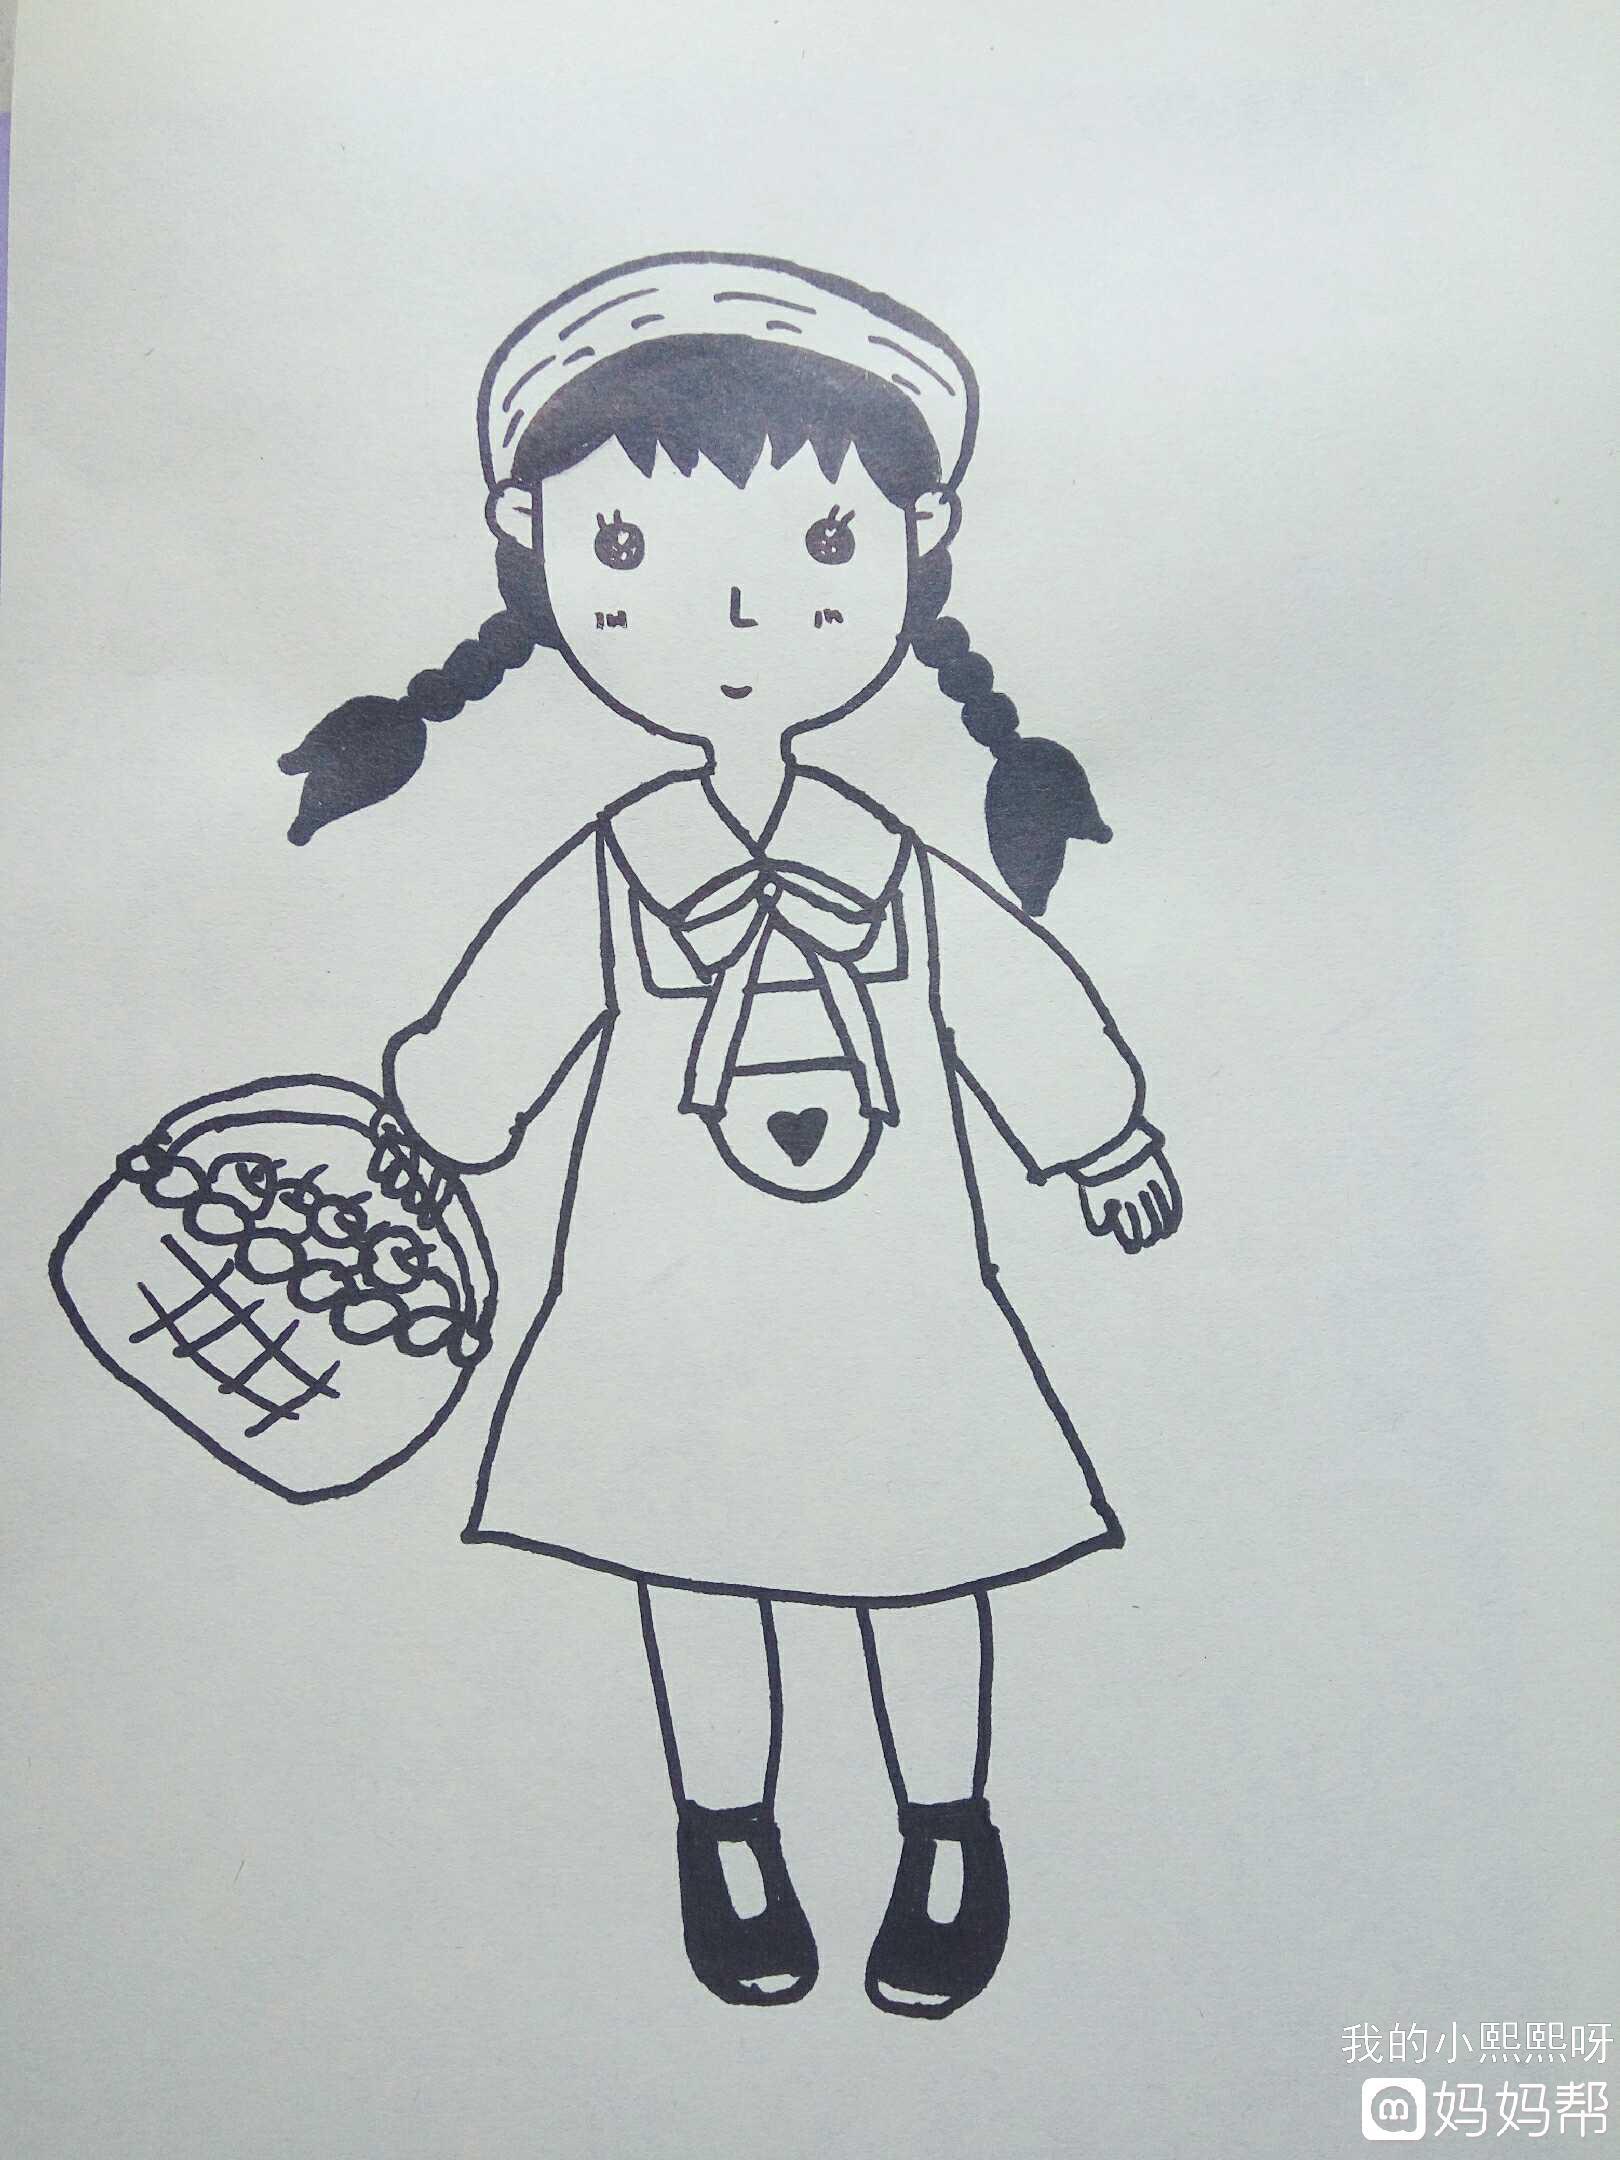 黑色的小筐鞋,简单大方.  一幅小女孩就完成了,是不是很简单呢!